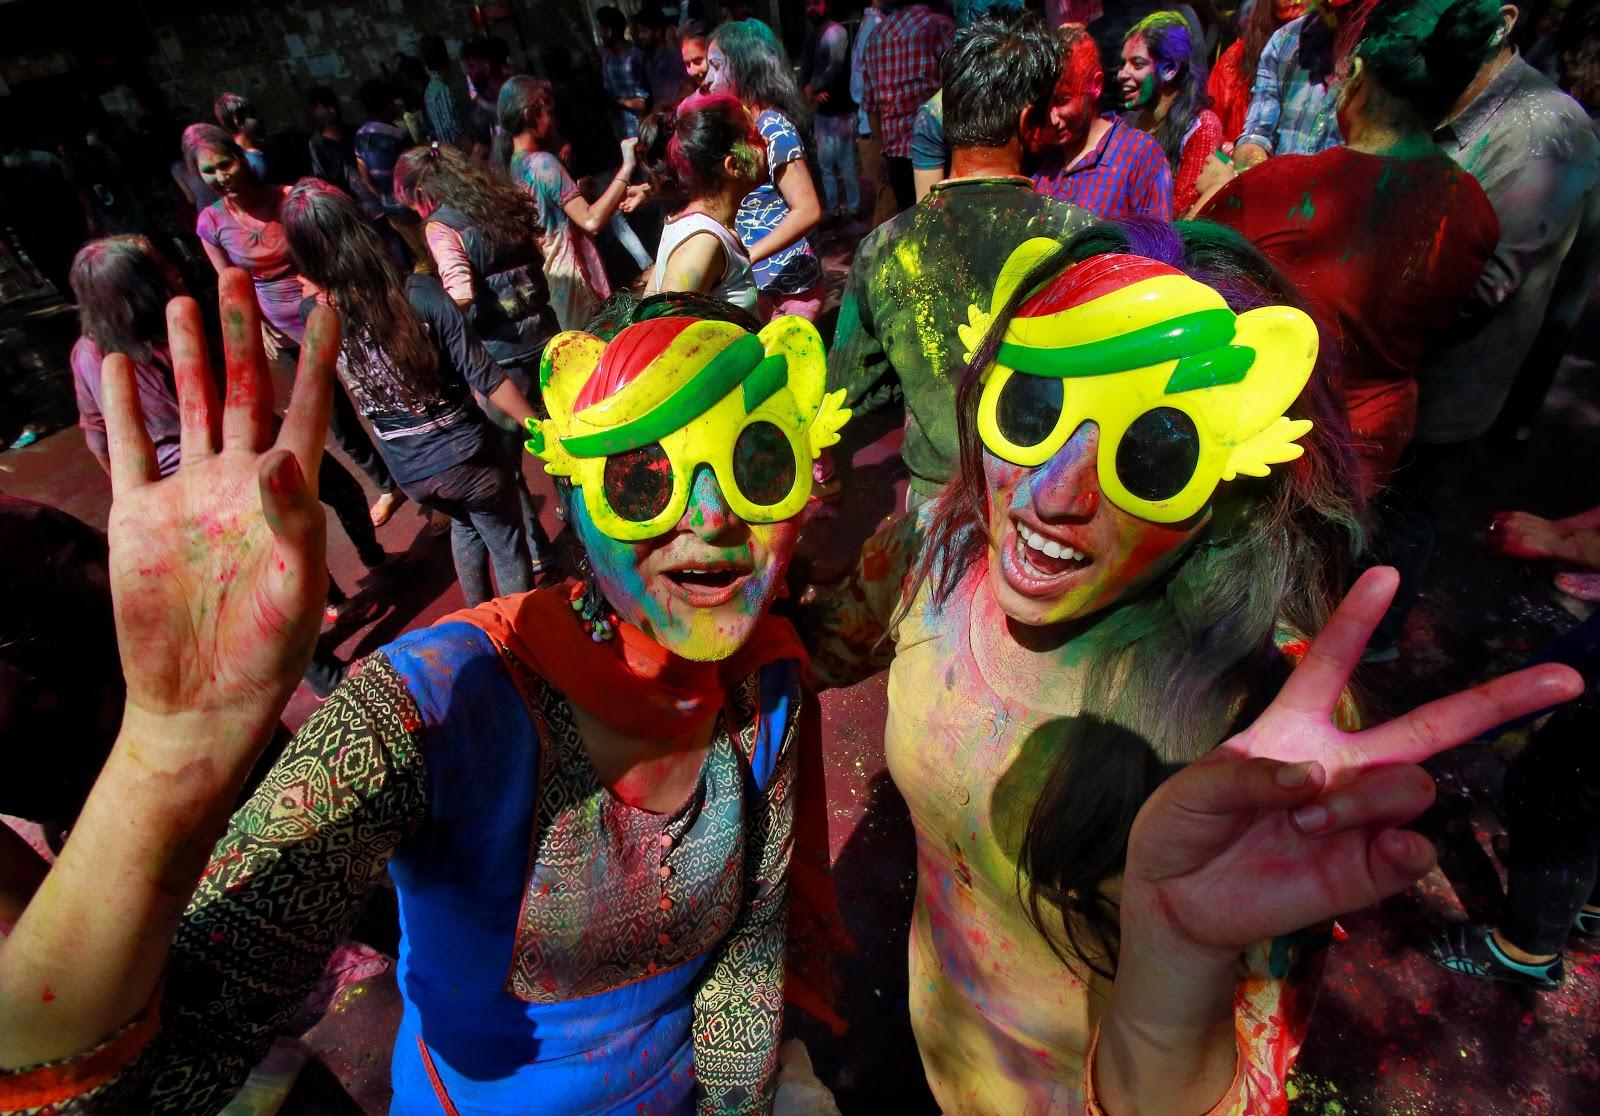 مهرجان هولي للألوان فى الهند